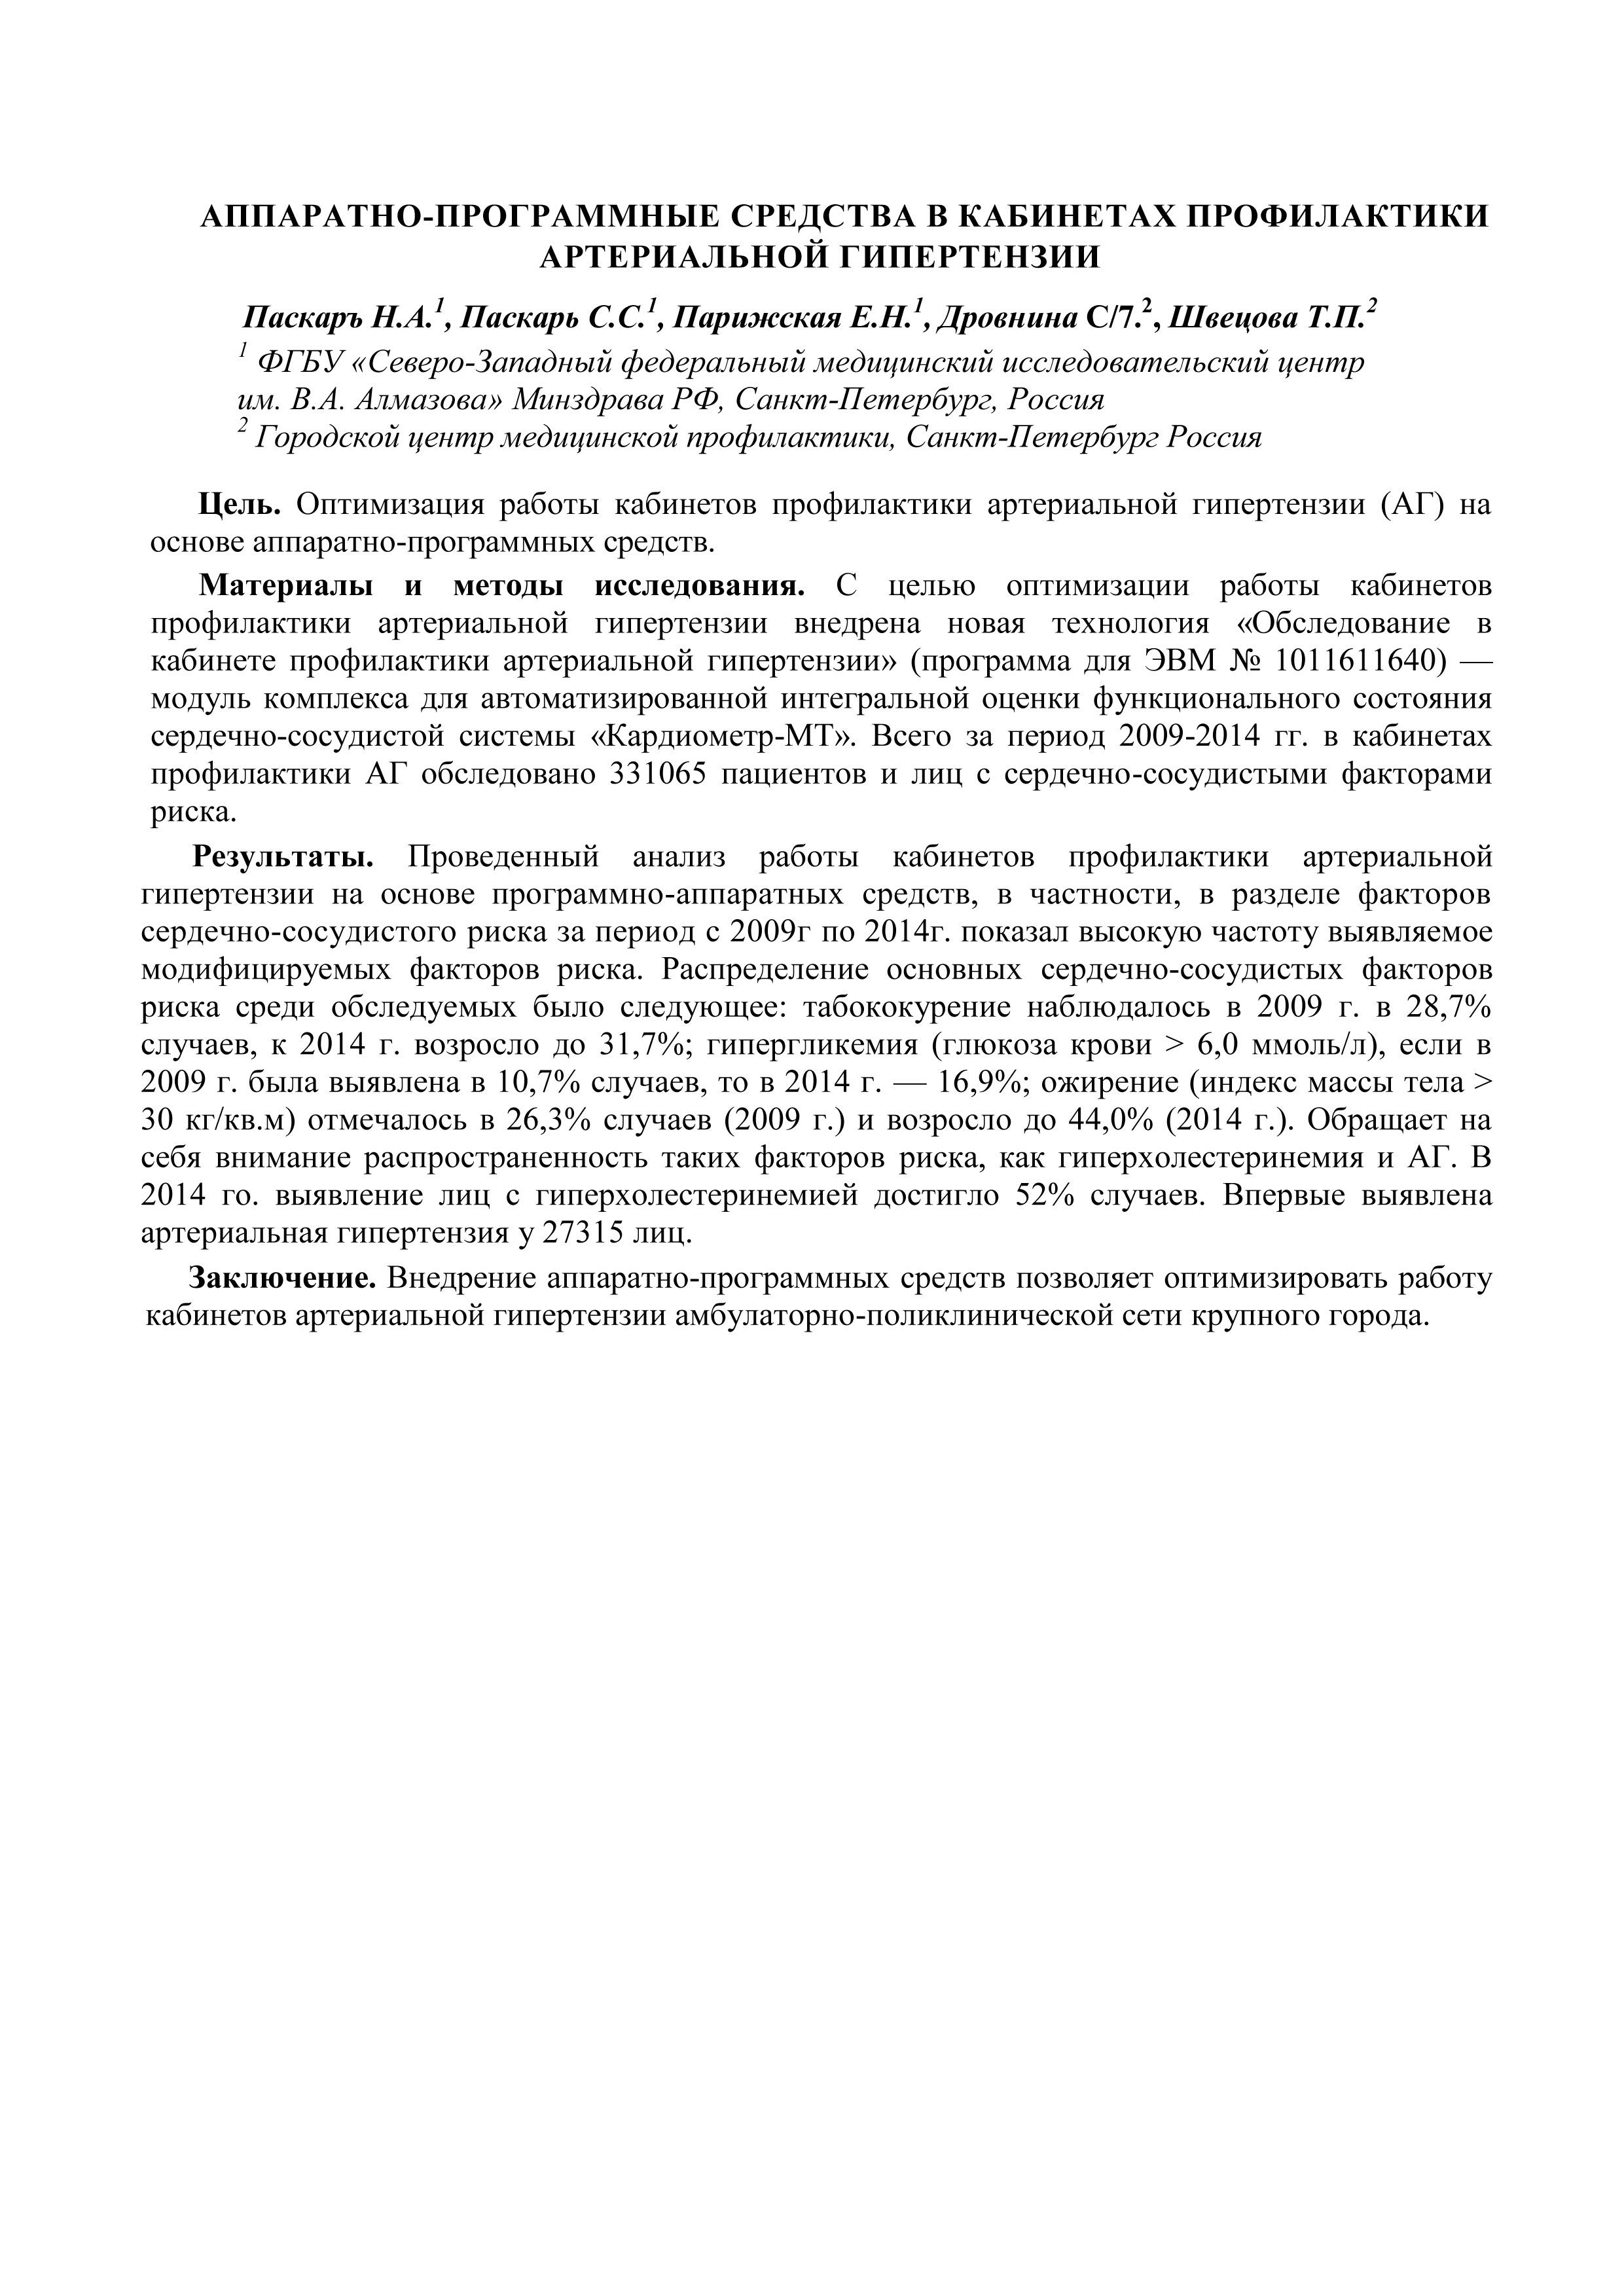 Ветеринарная клиника ростов-на-дону ул.фурмановская